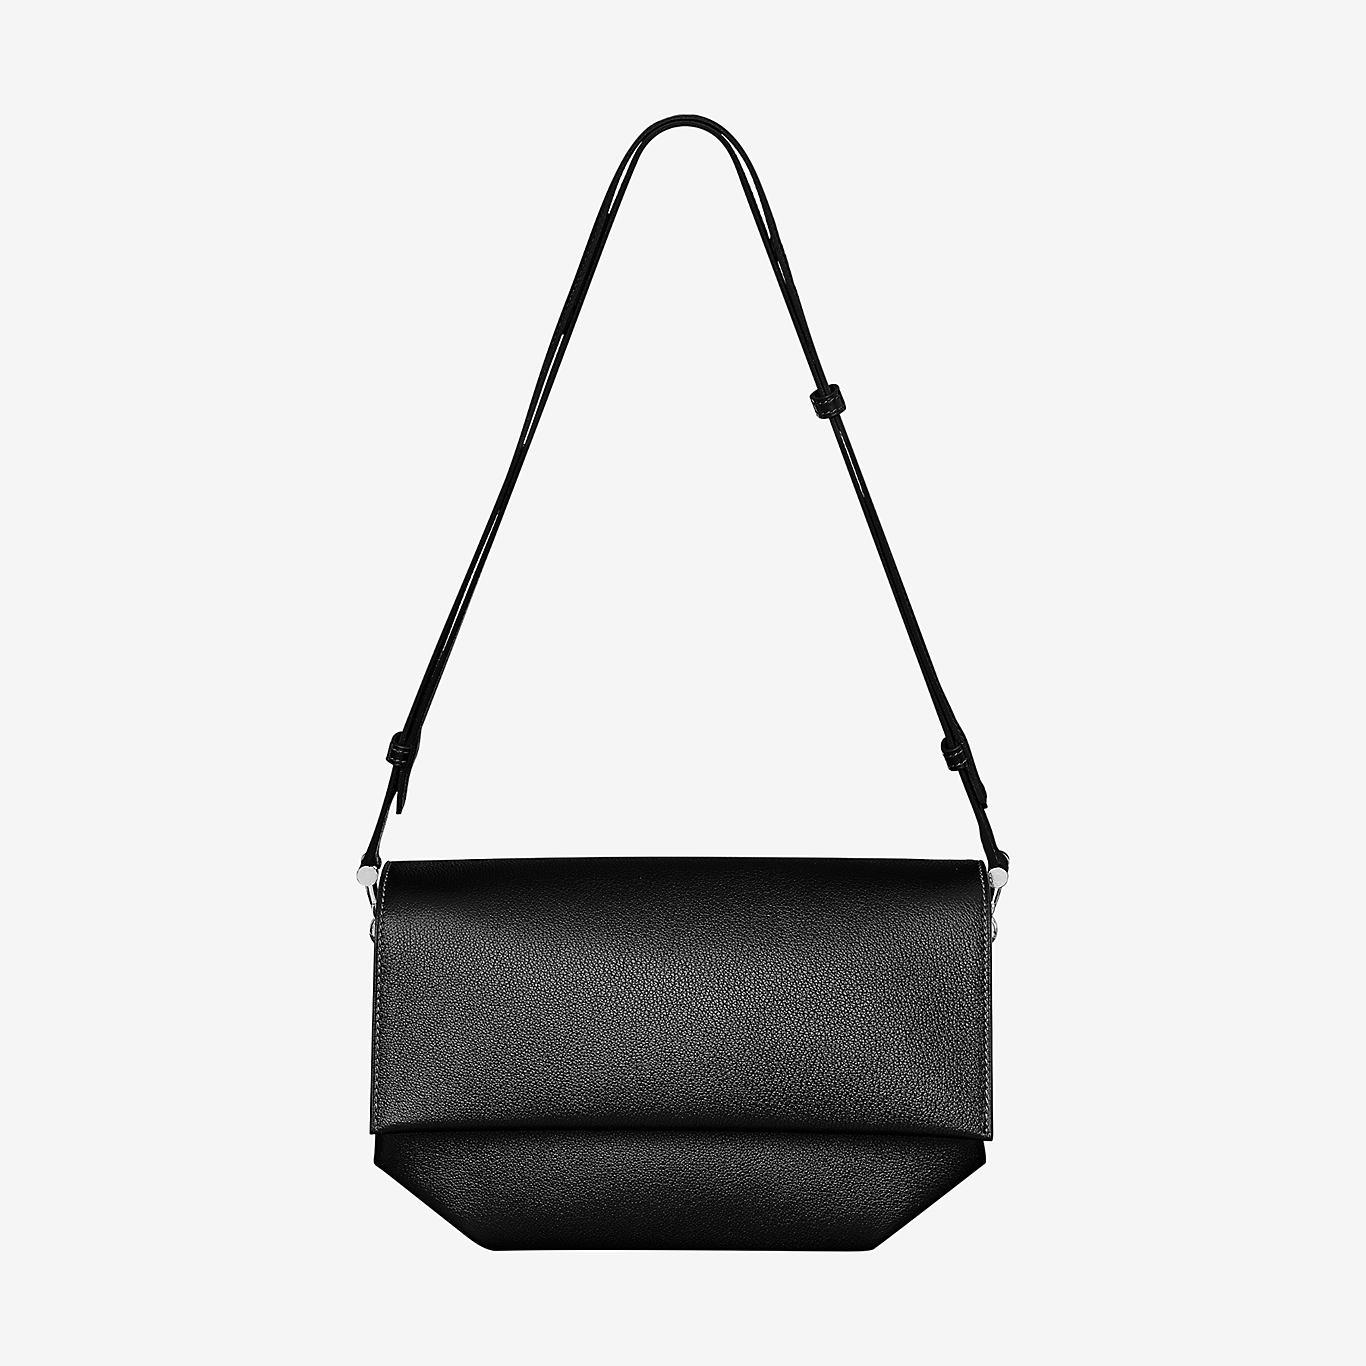 Opli 28 bag - front